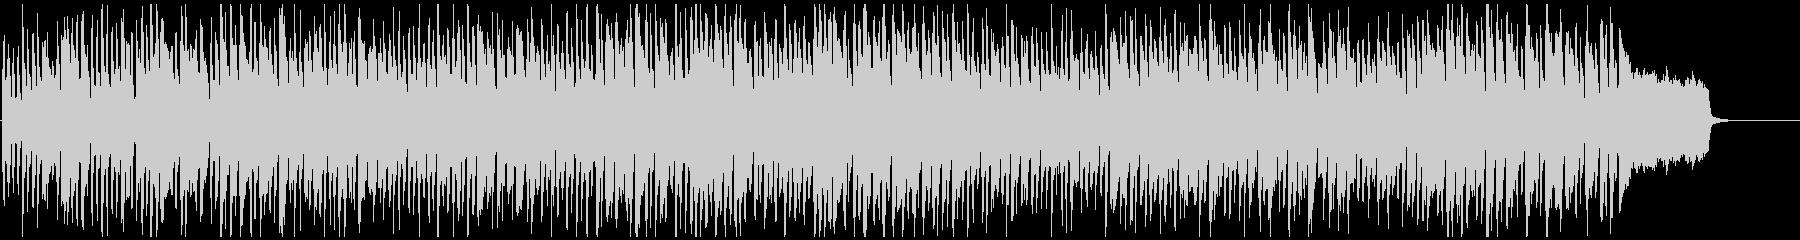 バラエティ系のウキウキ軽快なリコーダー曲の未再生の波形